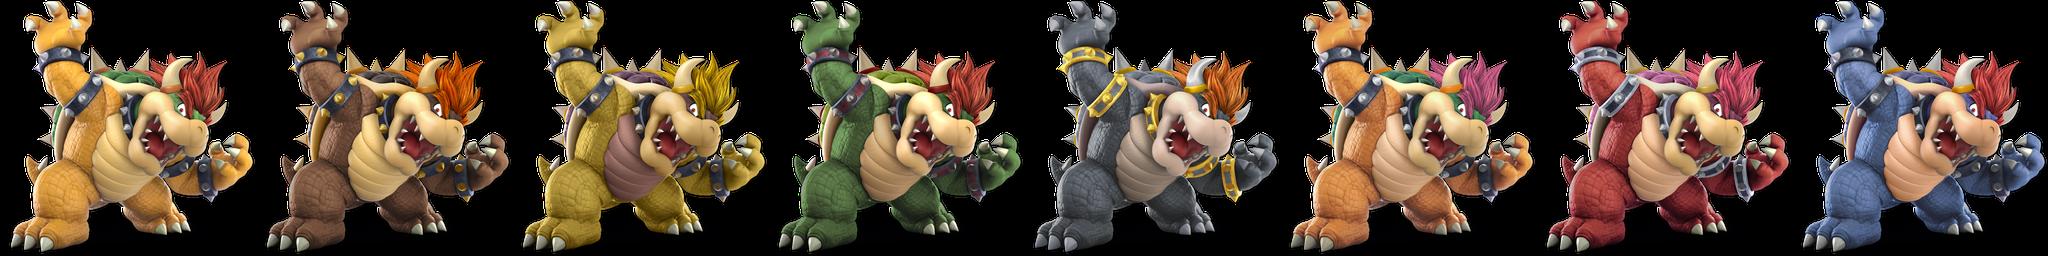 Bowser (Super Smash Bros. Ultimate)